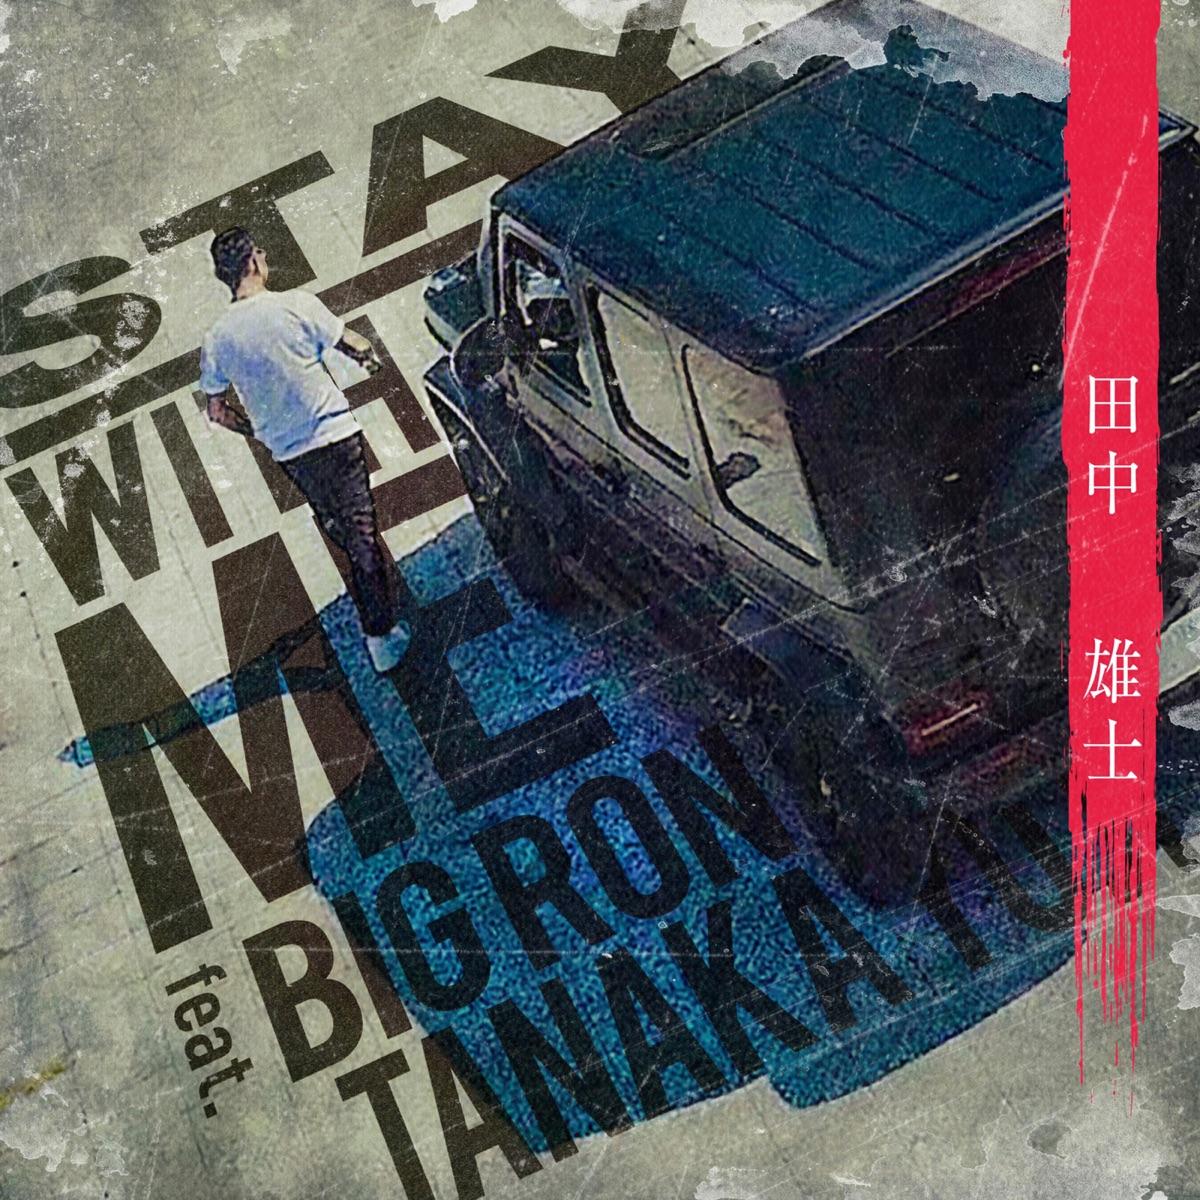 『田中雄士 - STAY WITH ME feat. BIG RON』収録の『STAY WITH ME feat. BIG RON』ジャケット